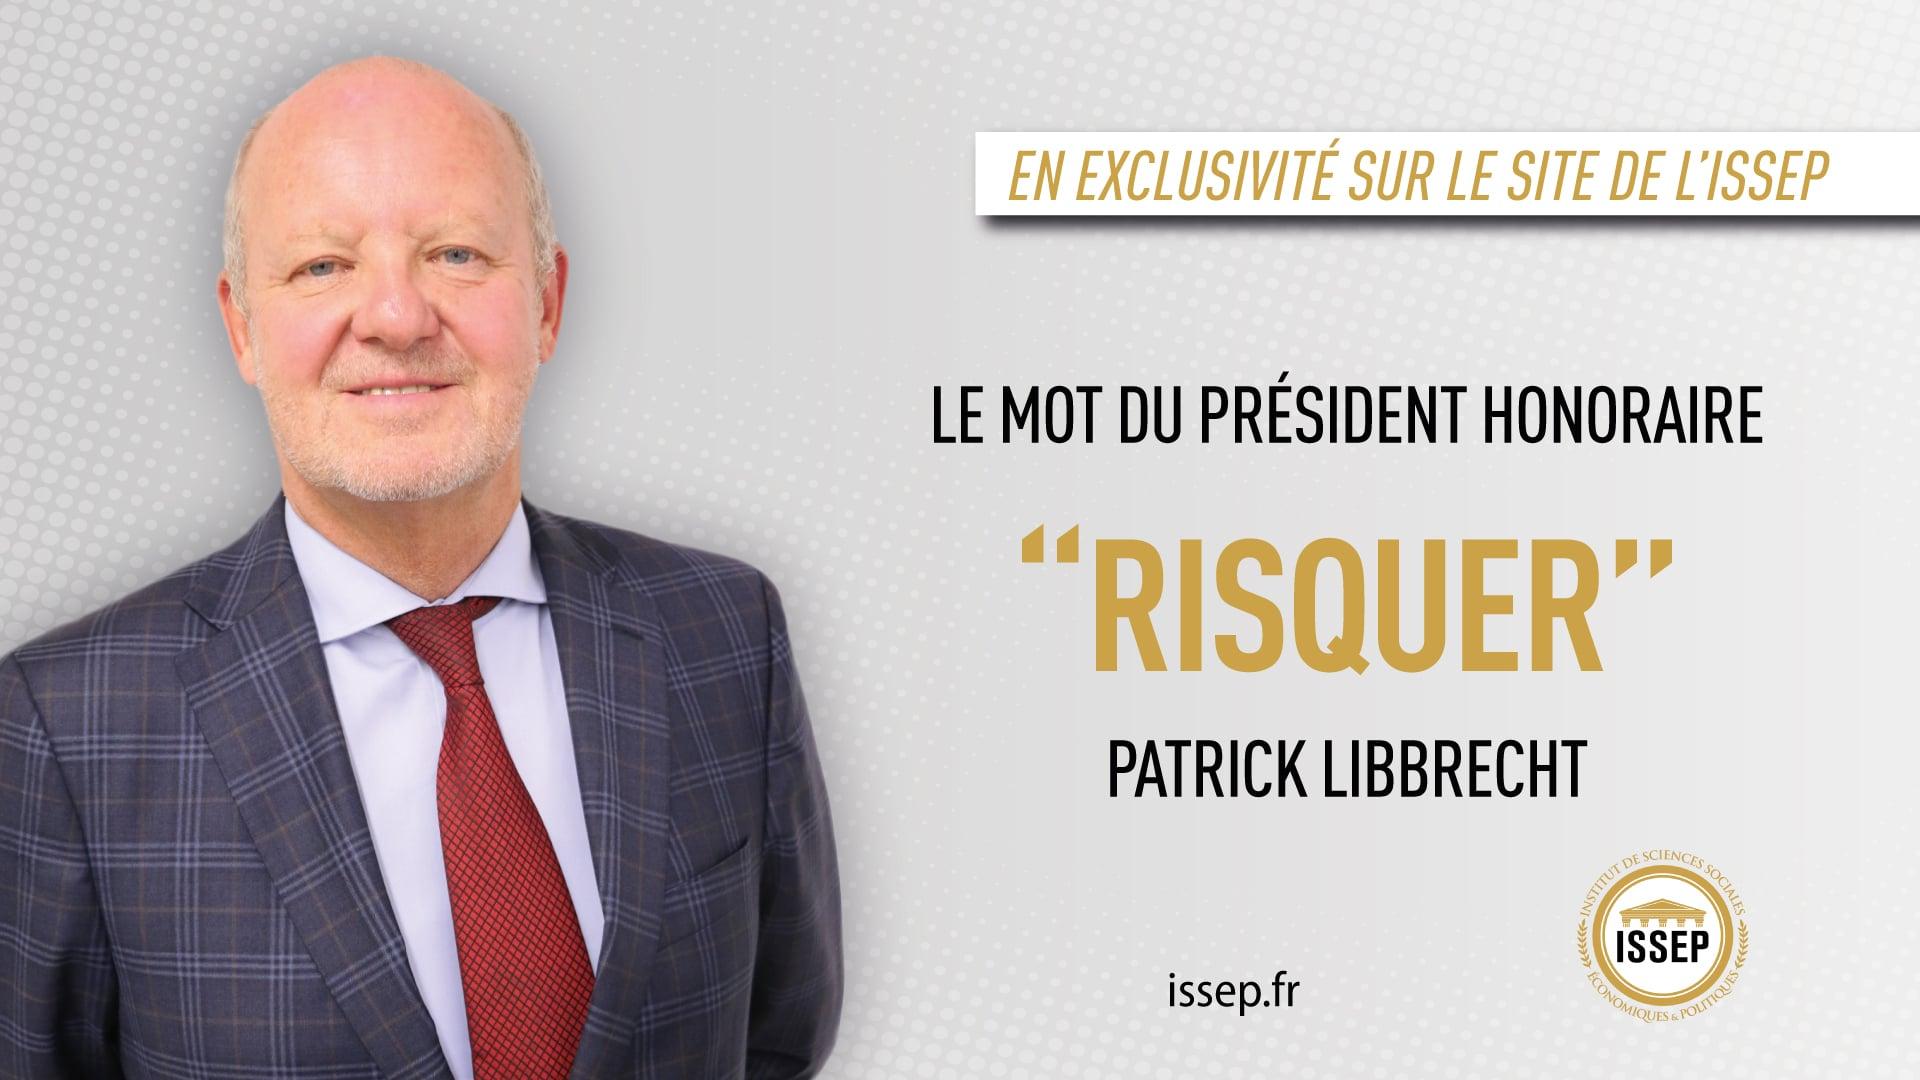 Risquer, le mot du president honoraire - patrick libbrecht